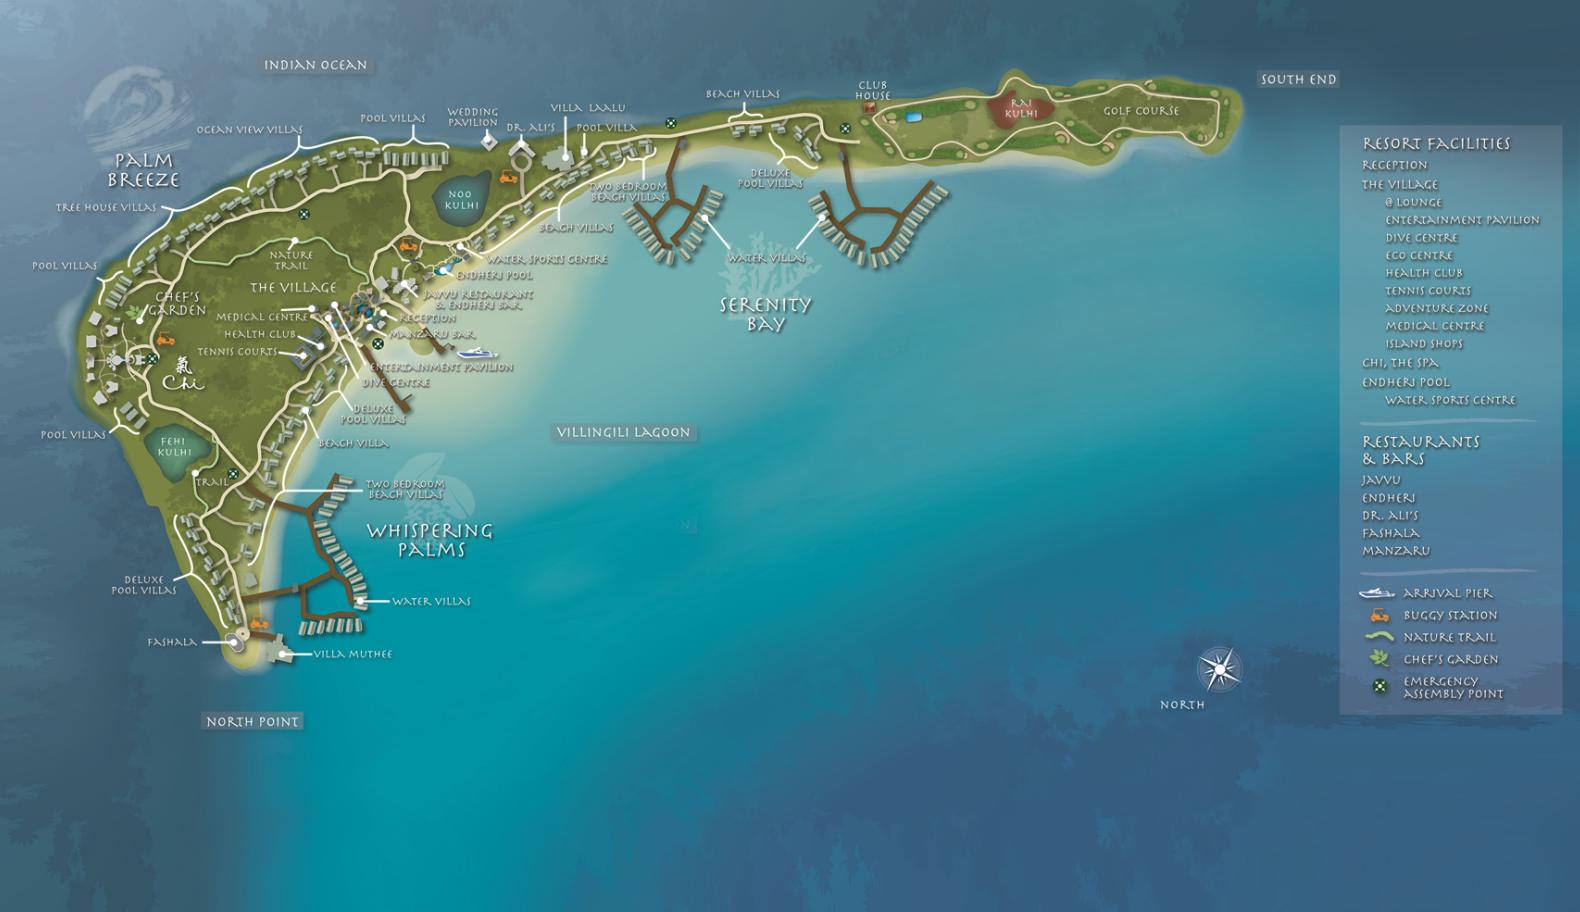 马尔代夫 香格里拉|薇宁姬莉岛 Shangri-La s Villingili Resort and Spa Maldives 平面地图查看